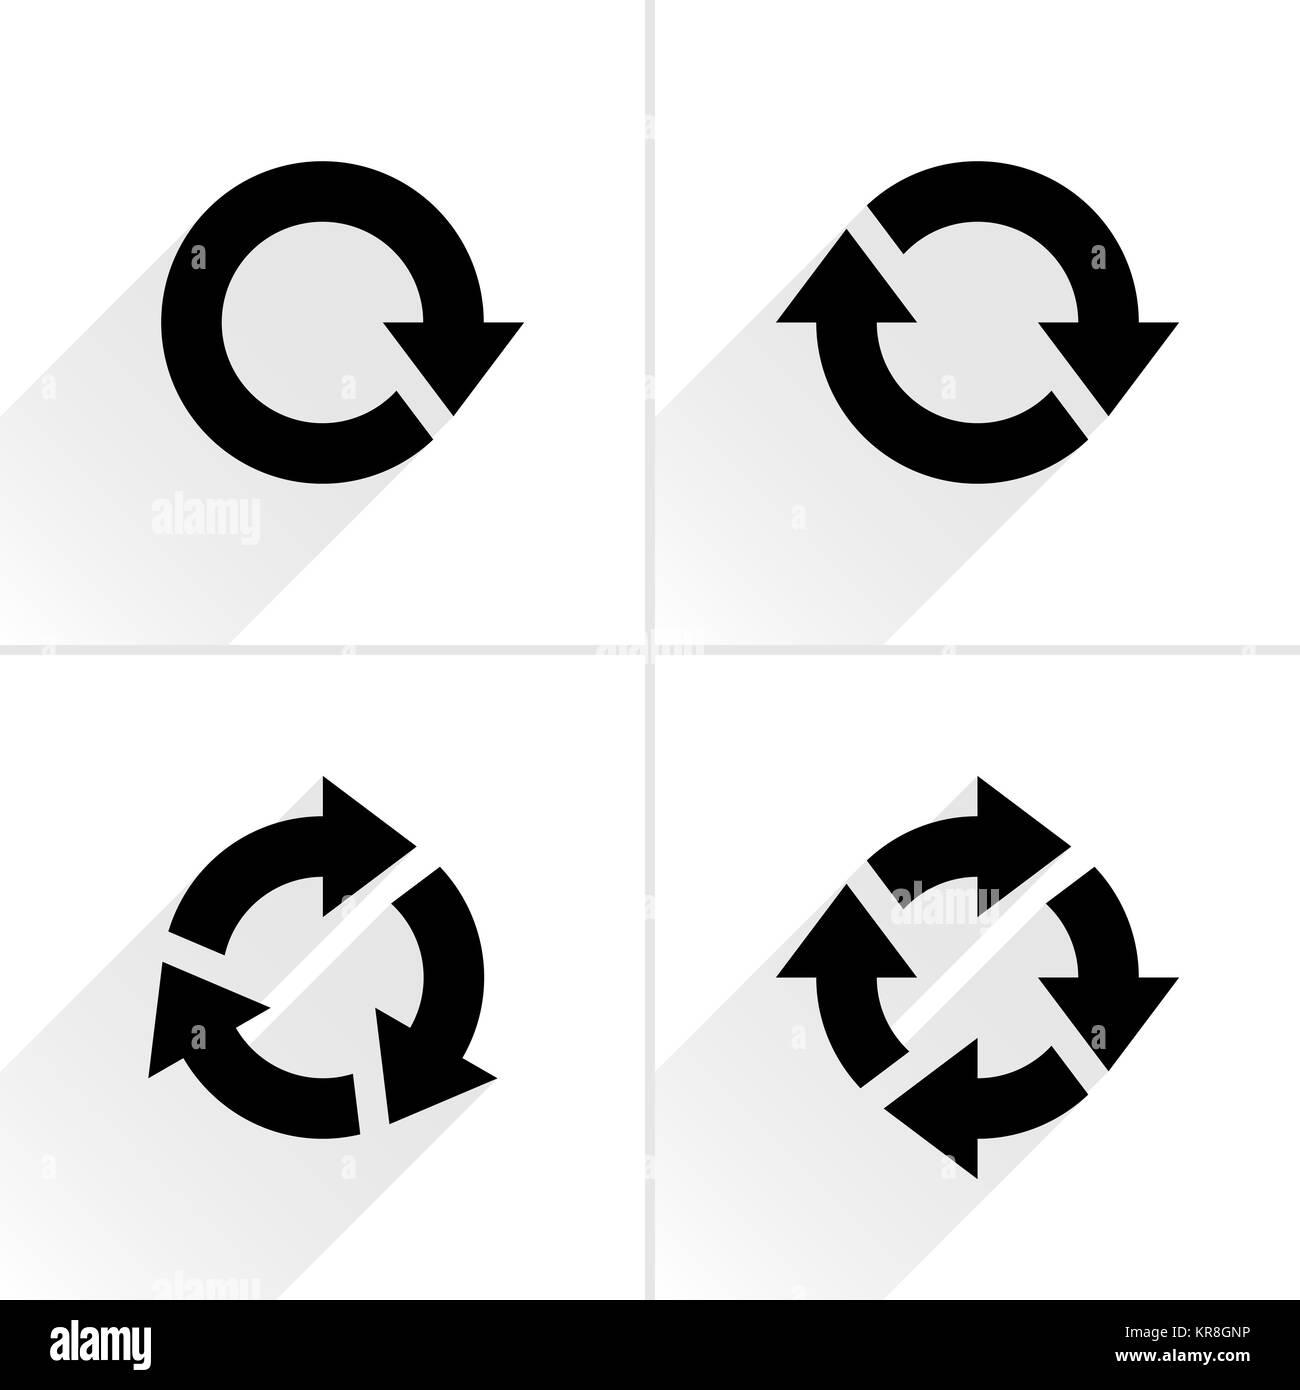 Flecha de color loop, refrescar, recargar, signo de rotación Foto de stock